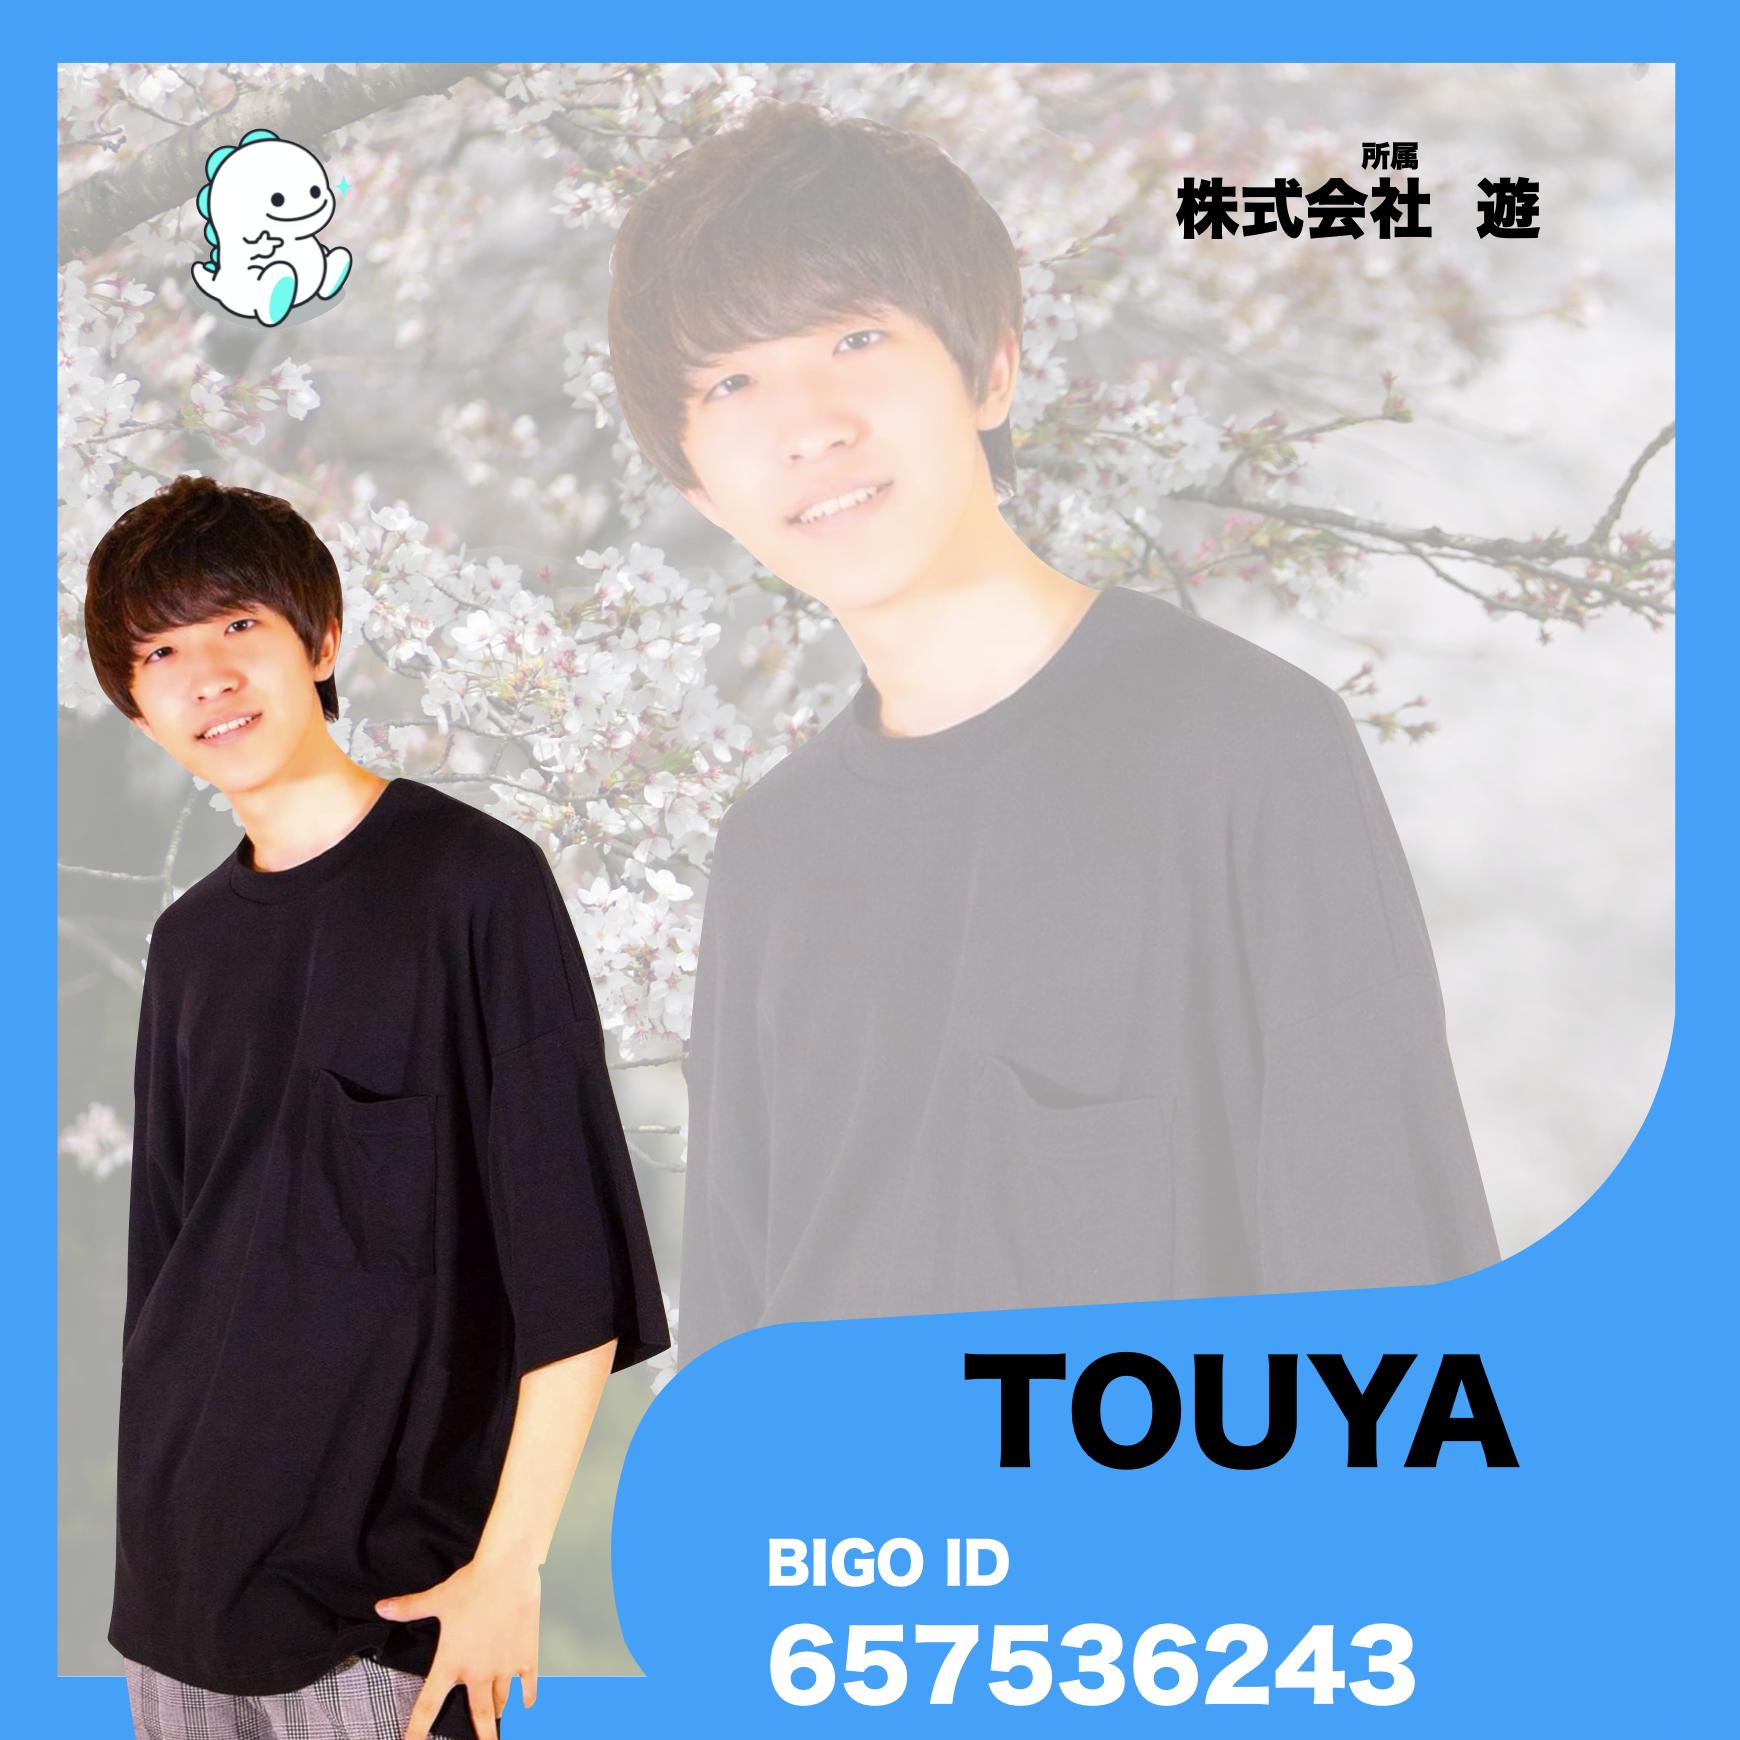 TOUYA